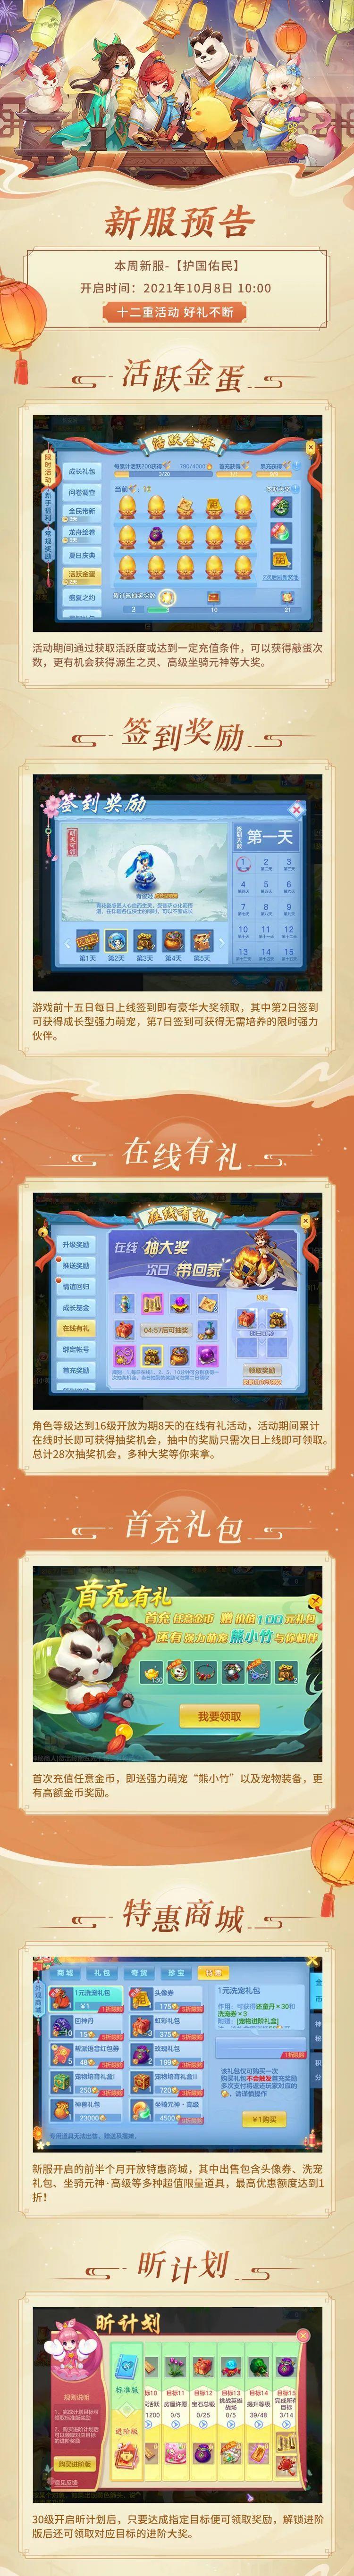 """【官方资讯】新服\\\""""护国佑民\\\""""10月8日开启!"""